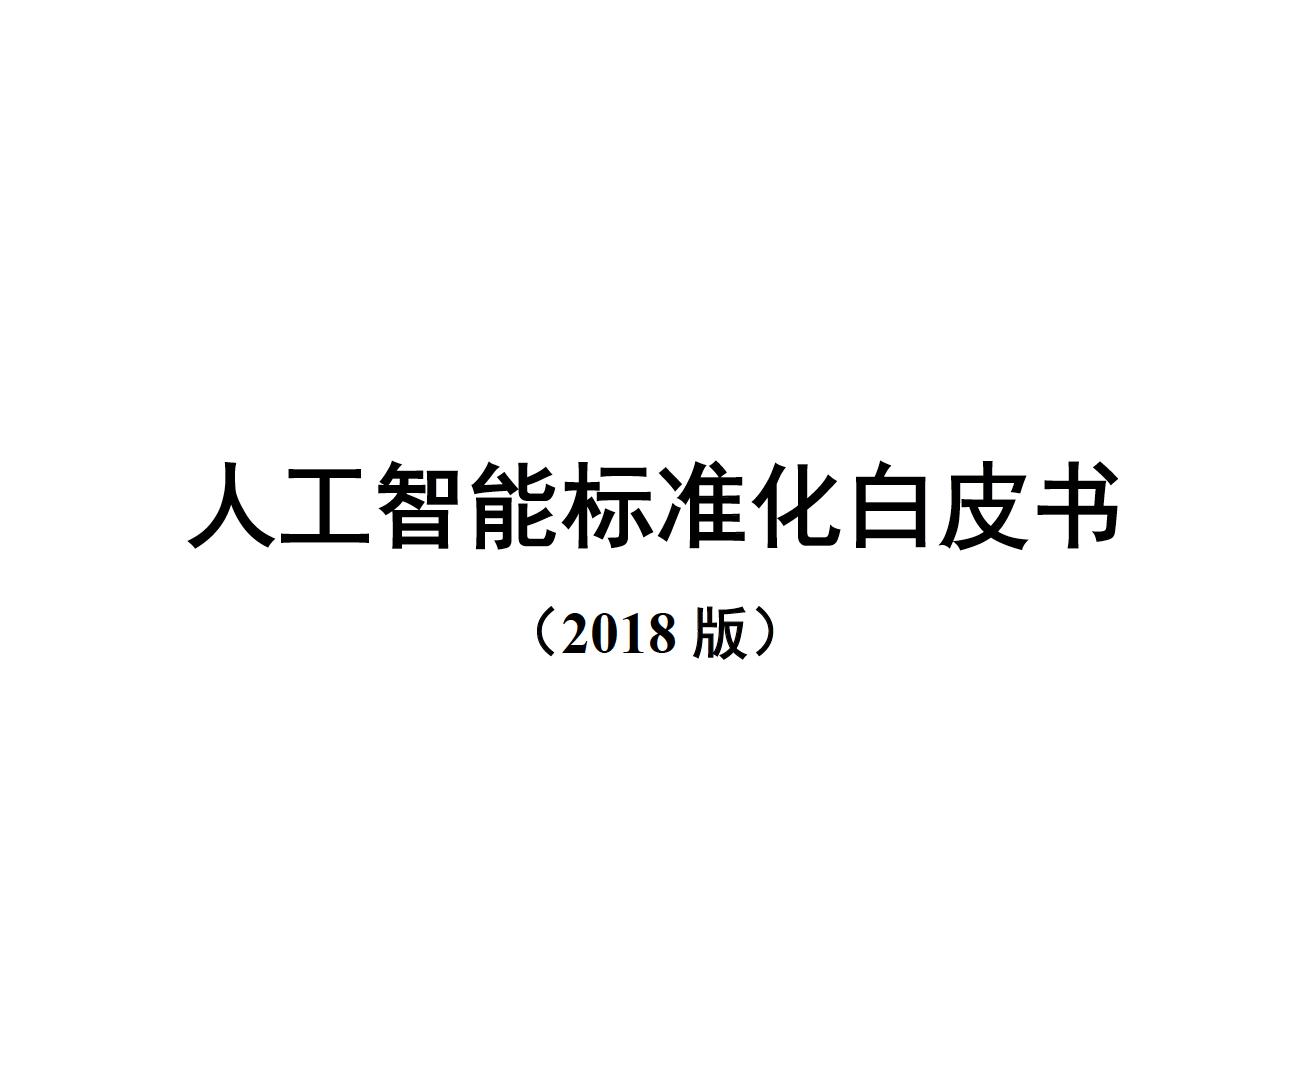 中国《人工智能标准化白皮书2018》发布完整版(附下载)